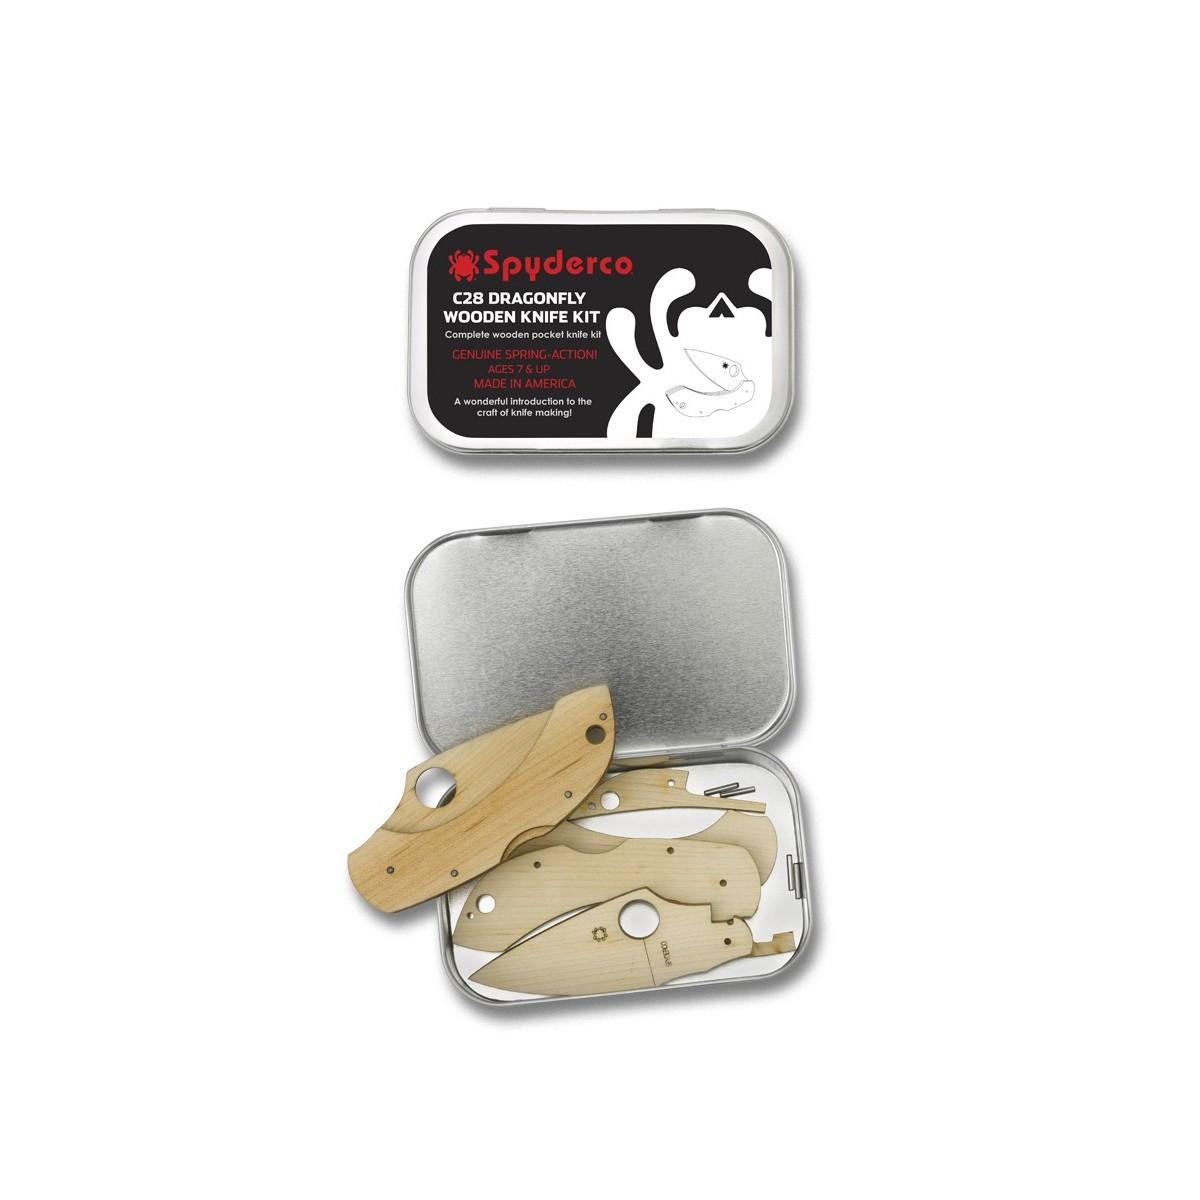 มีดพับไม้สำหรับเด็ก Spyderco C28 WDKIT1 Dragonfly Wooden Folding Knife Kit, Gift Tin